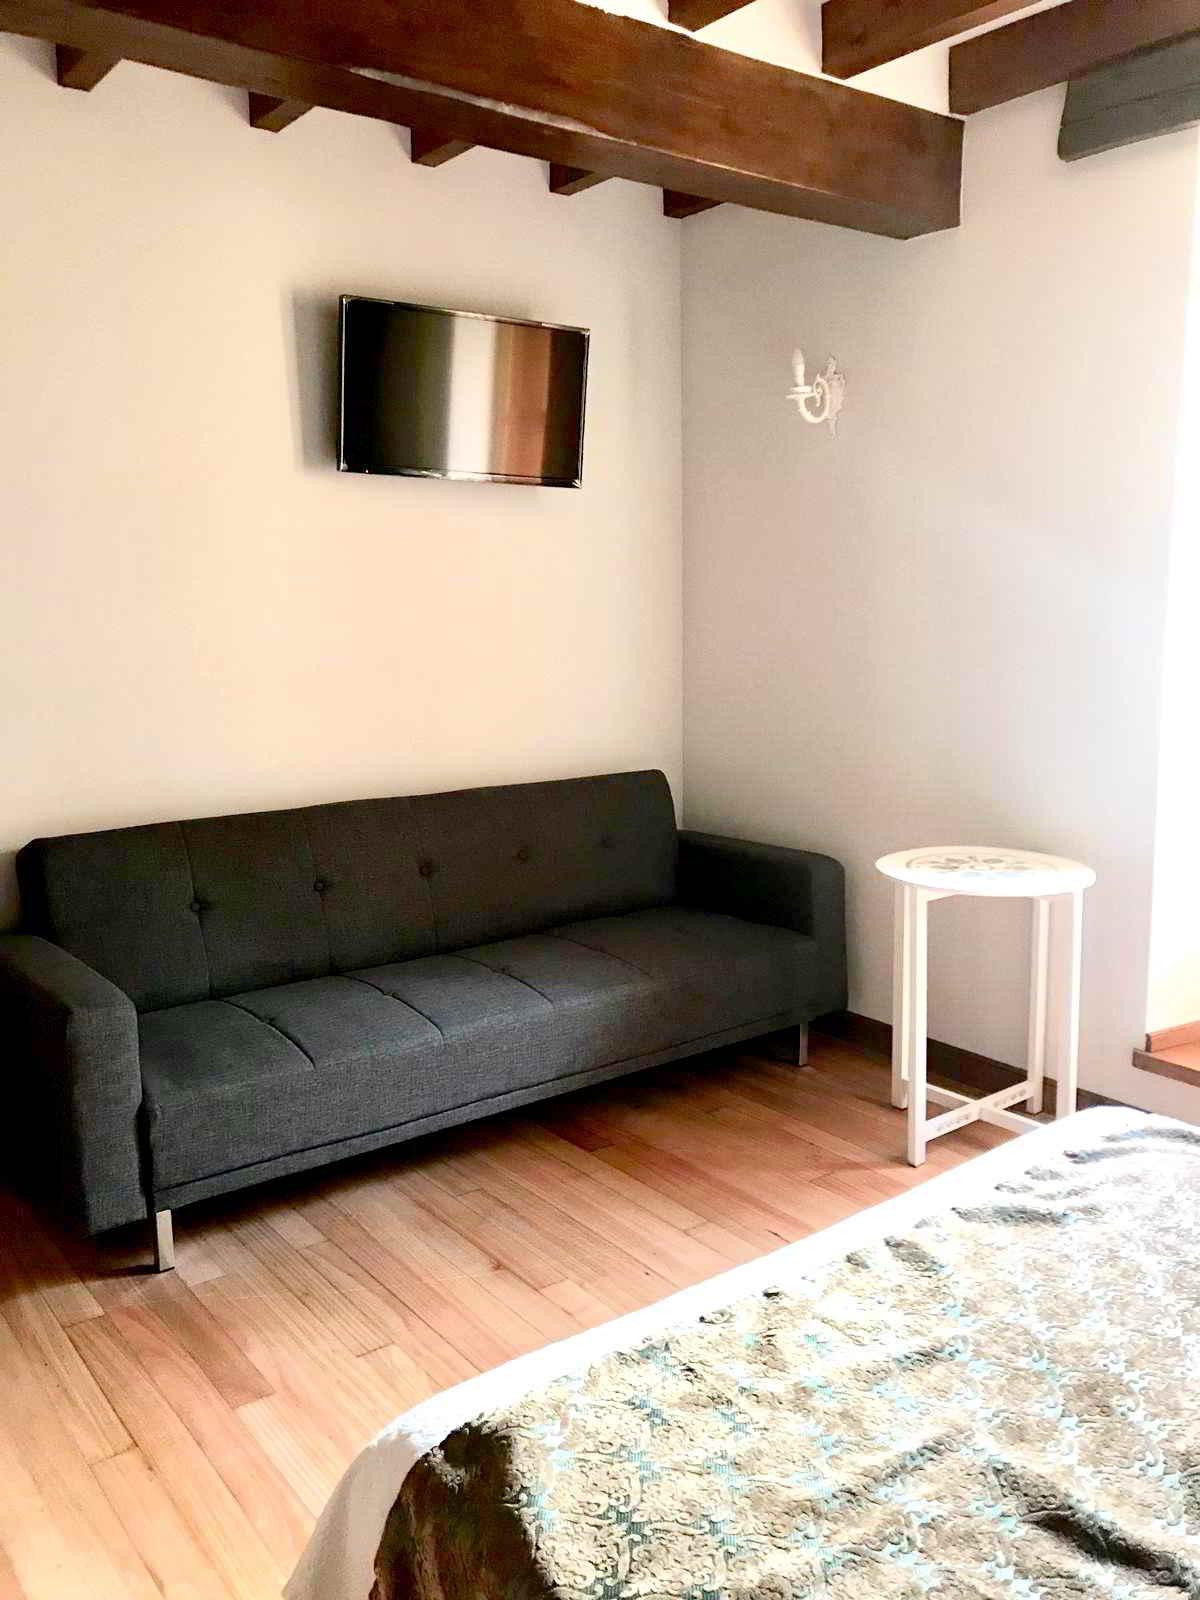 habitacion-alojamiento-cantabria-val de san vicente